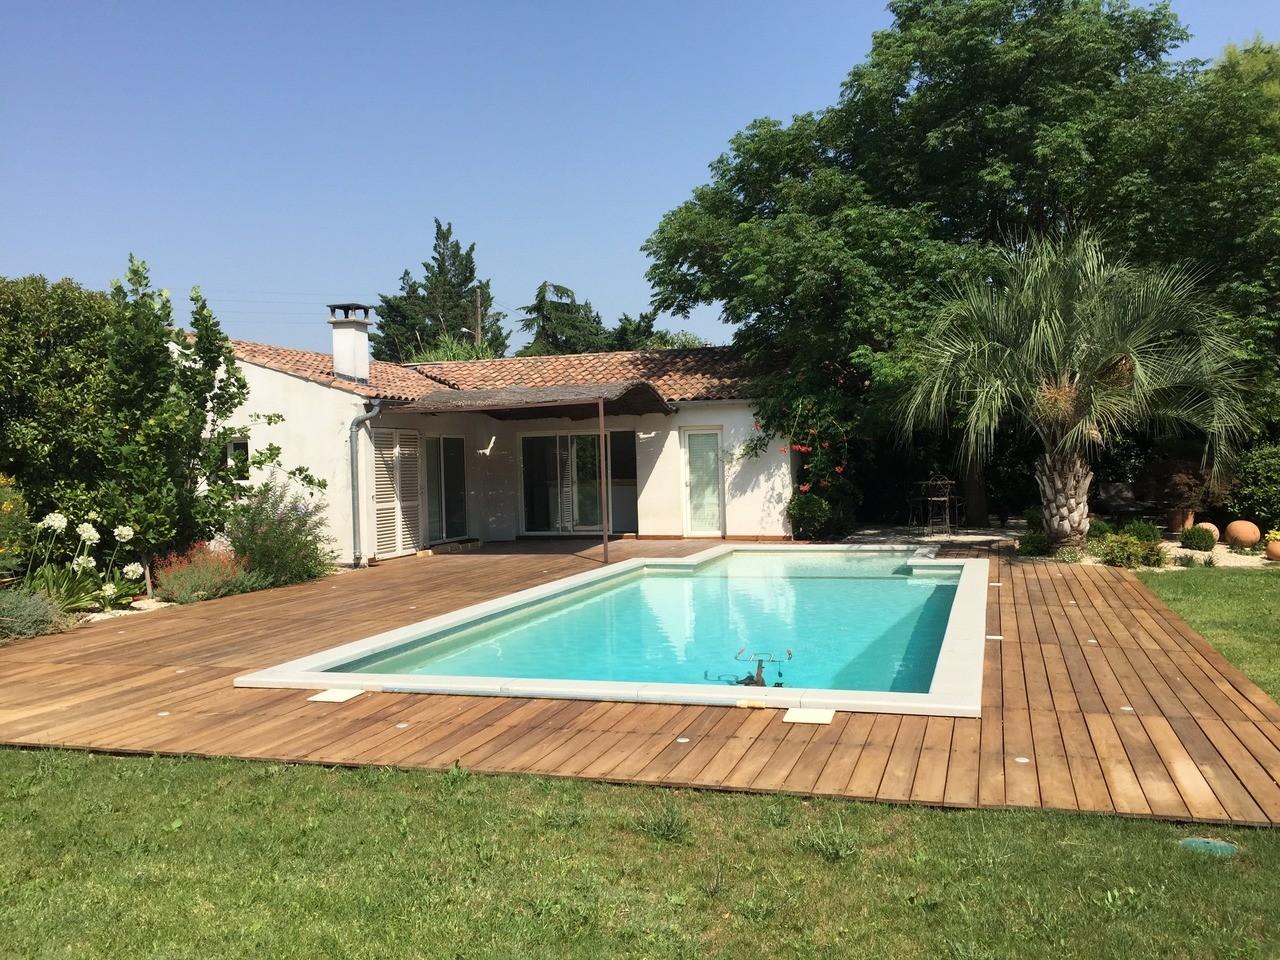 piscine extérieure villa provencale